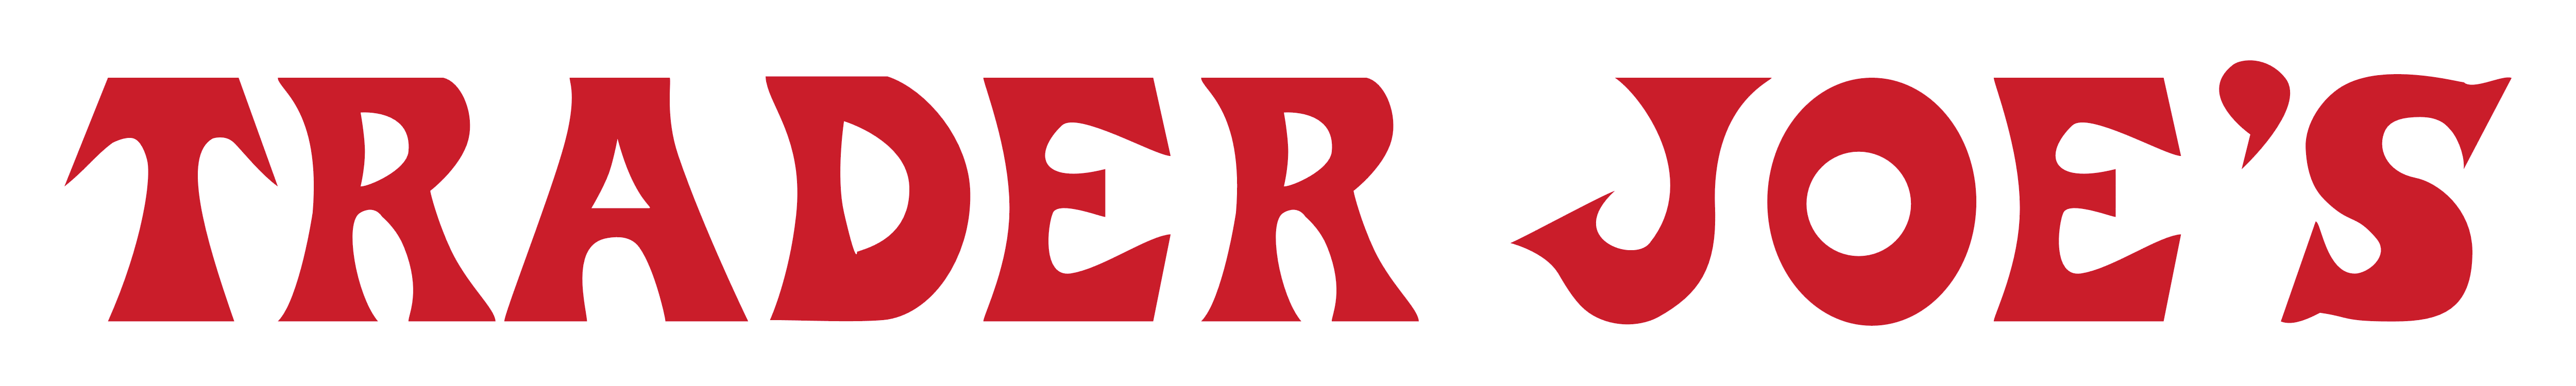 Trader Joe's – Logos Download